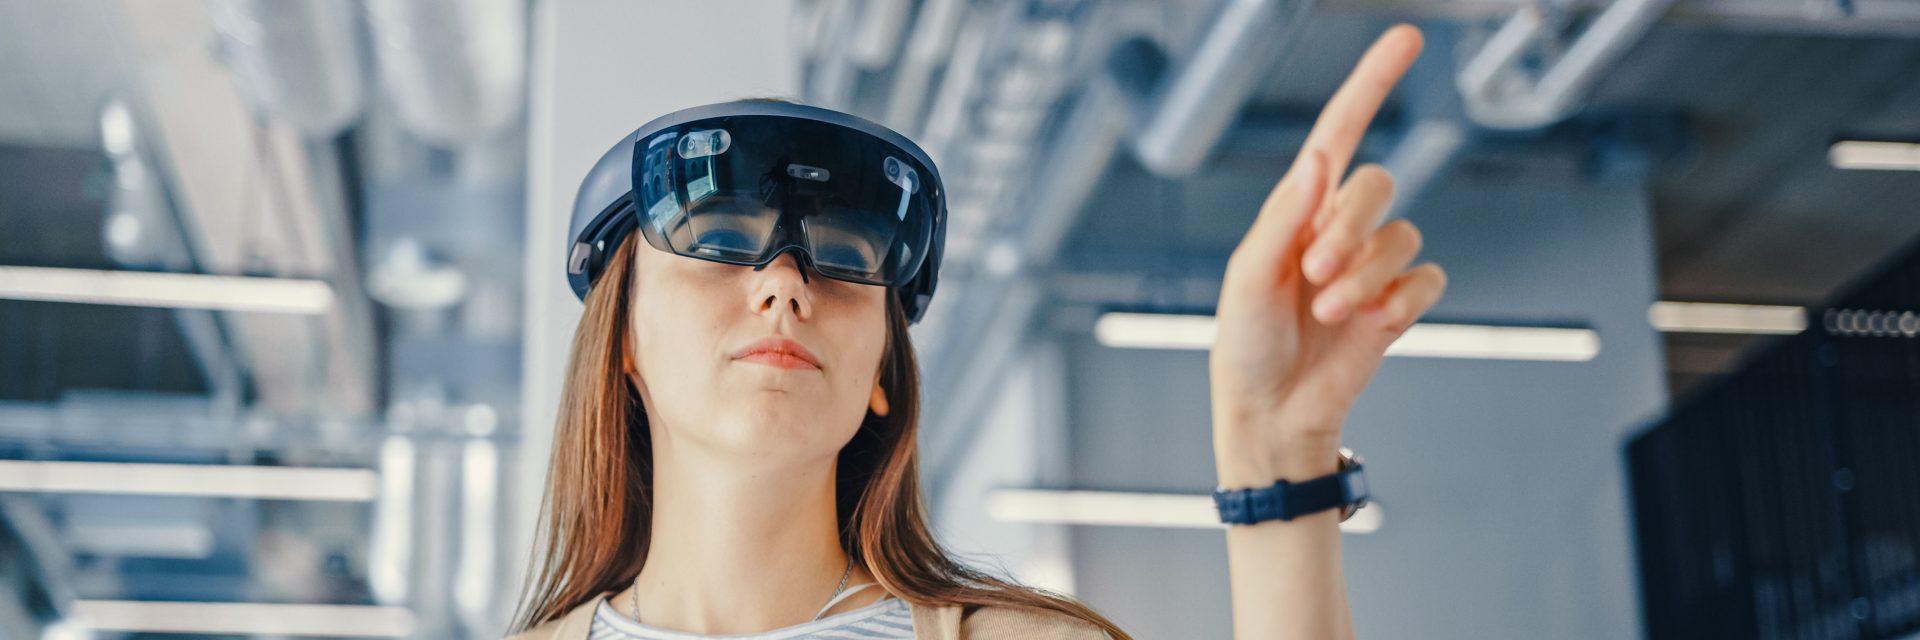 AR VR Hololens